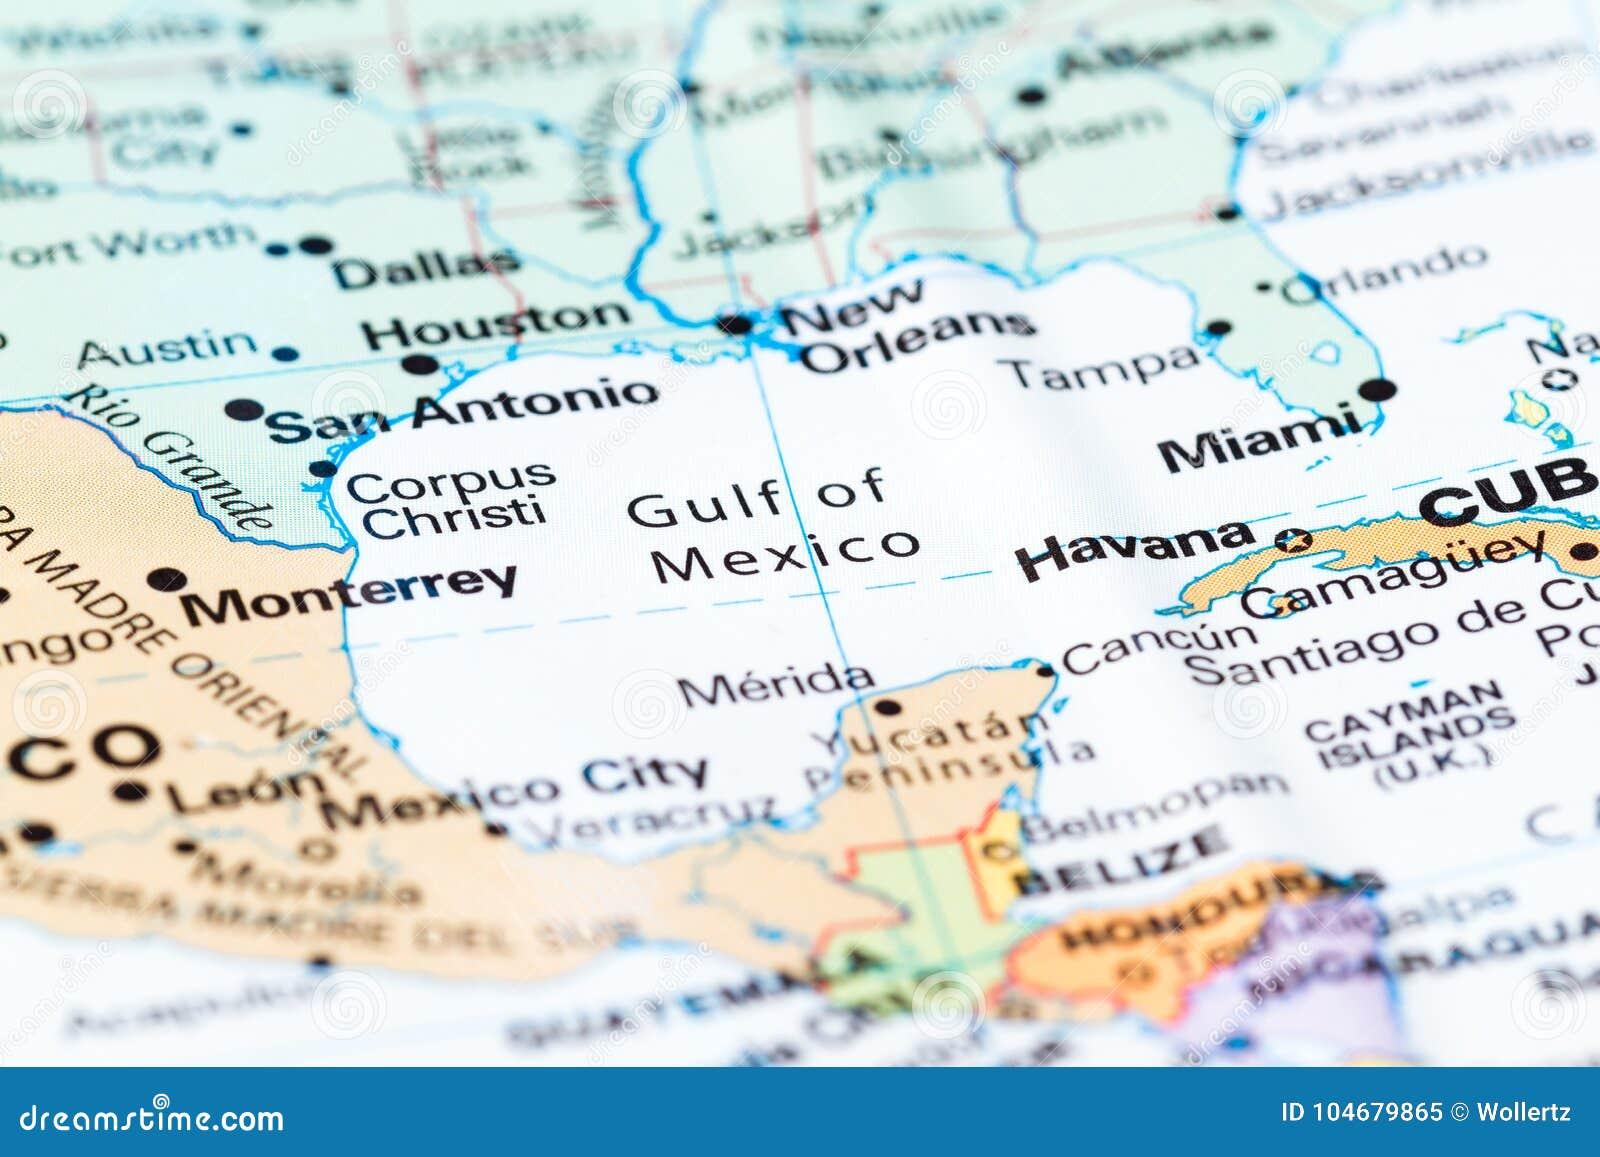 Golfo Do Mexico Em Um Mapa Imagem De Stock Imagem De Mapa 104679865